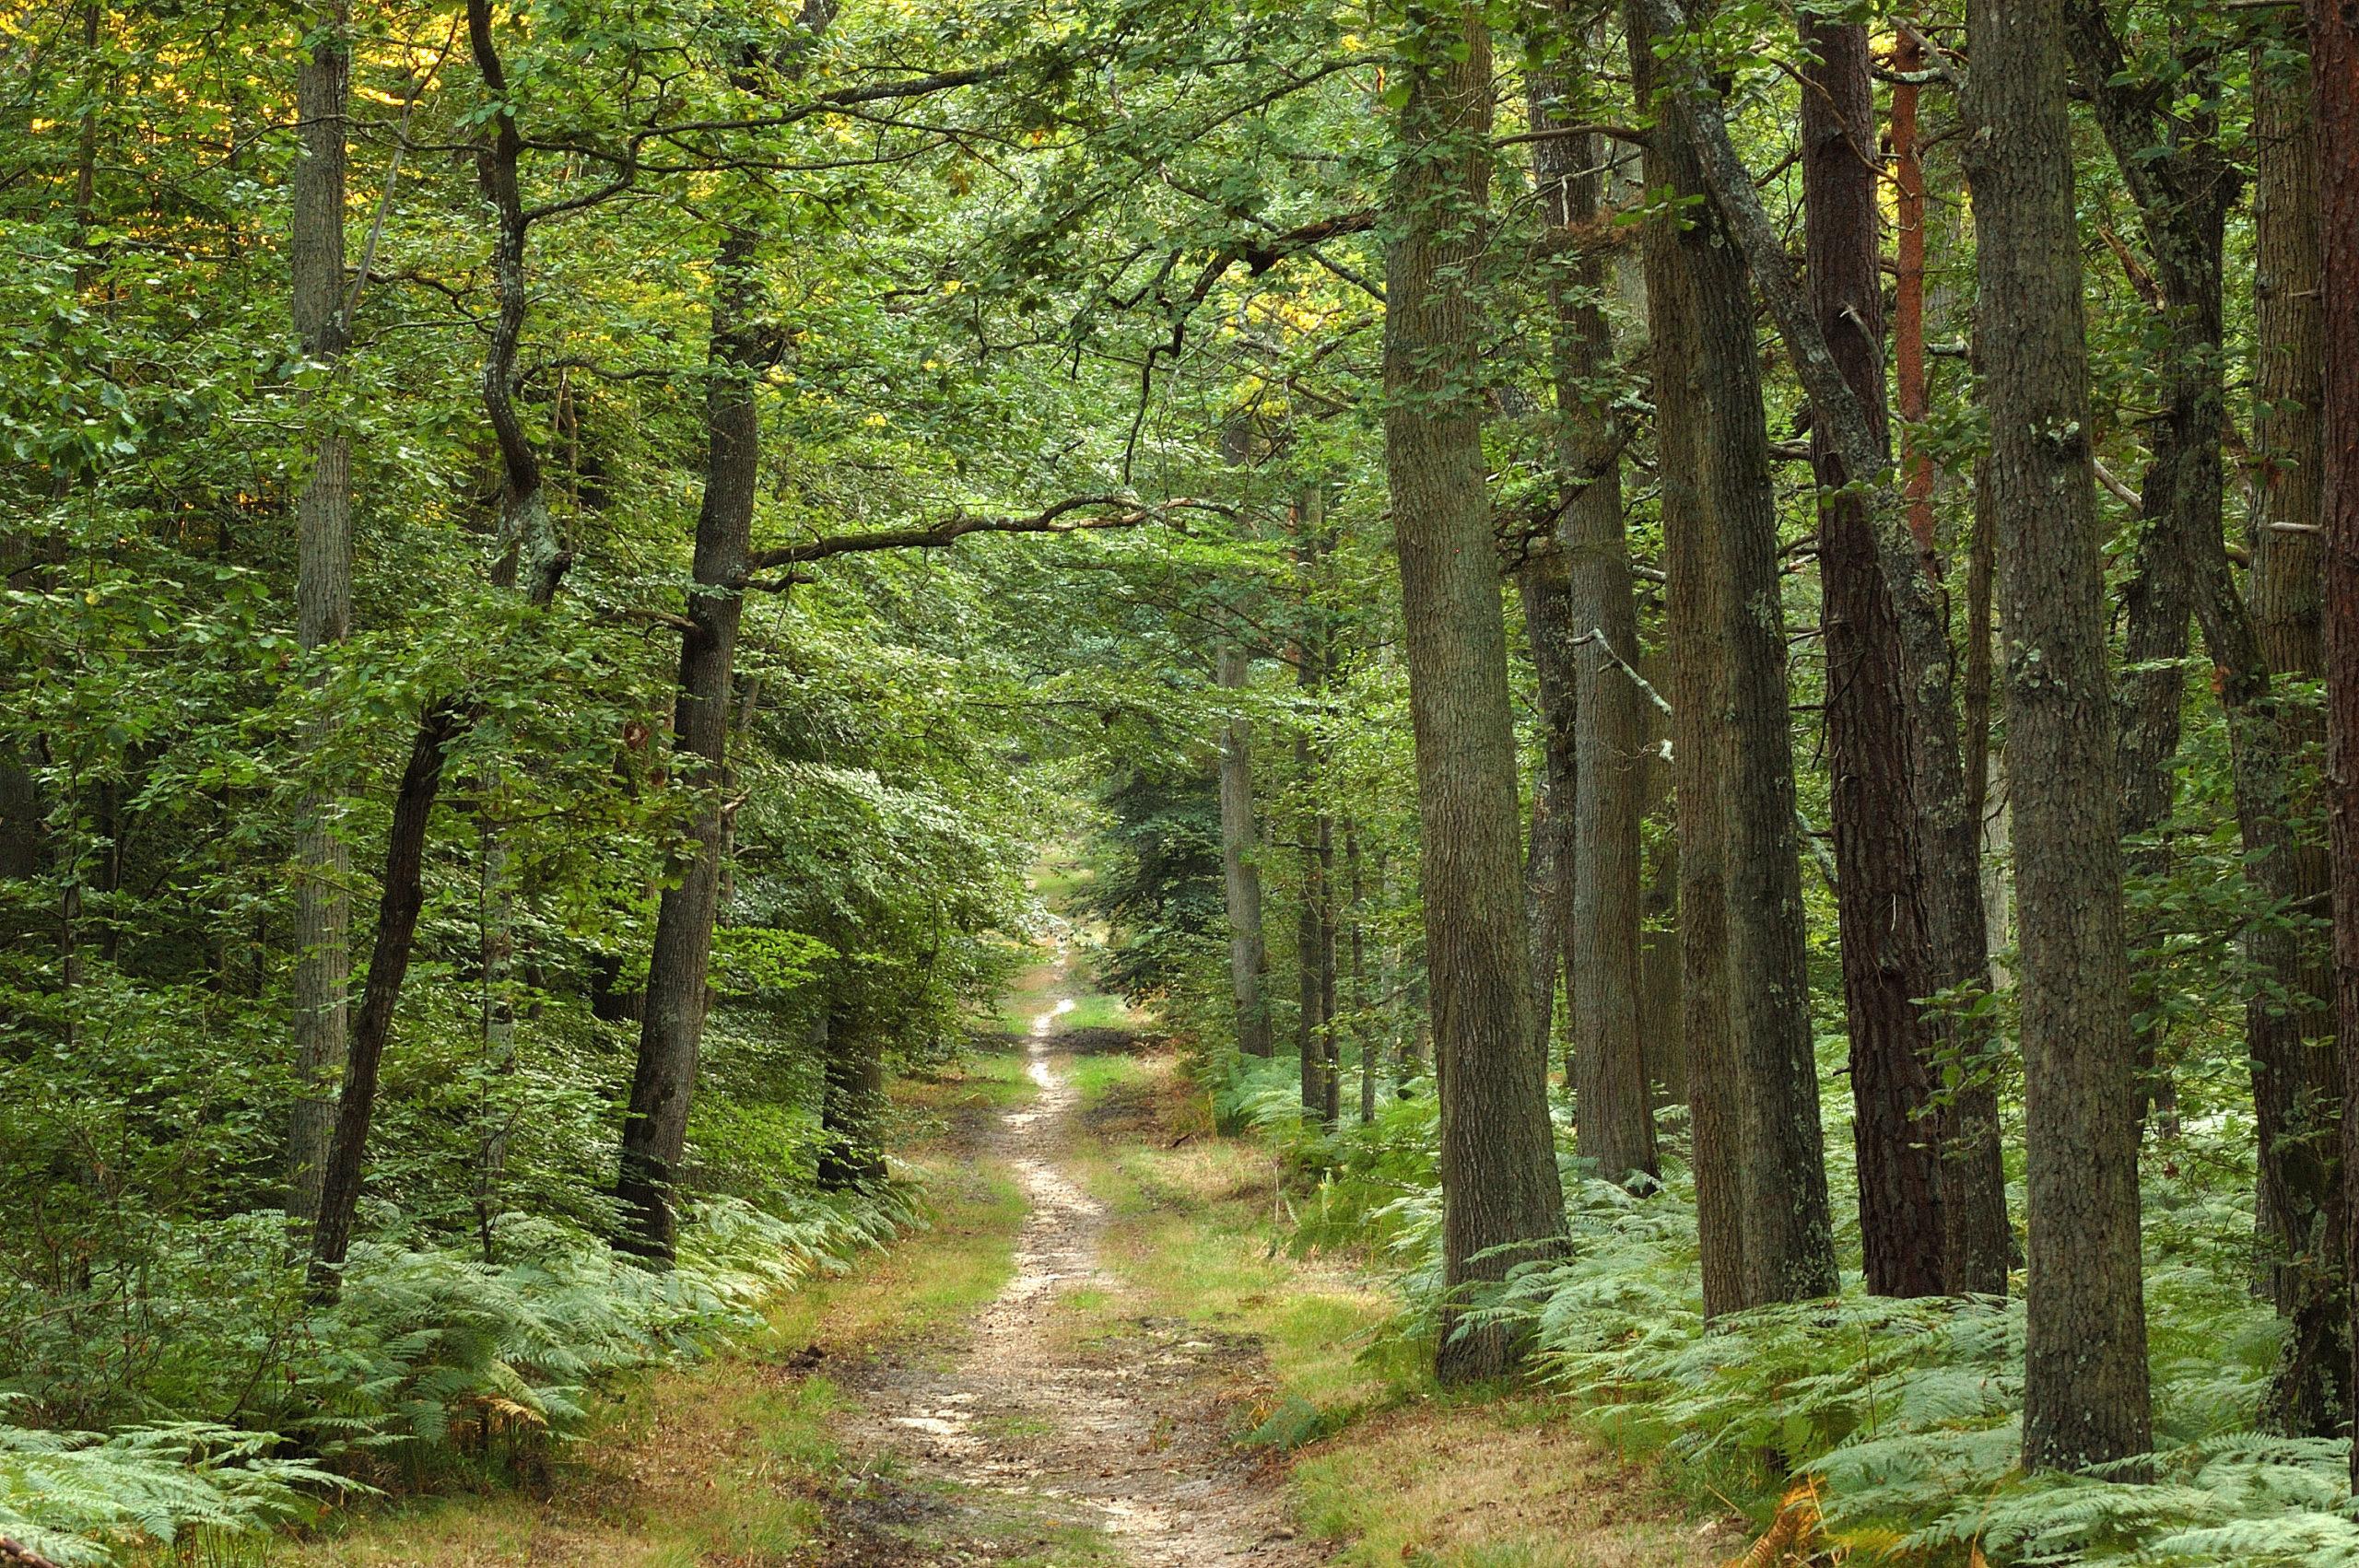 Vente forêt dans le Calvados